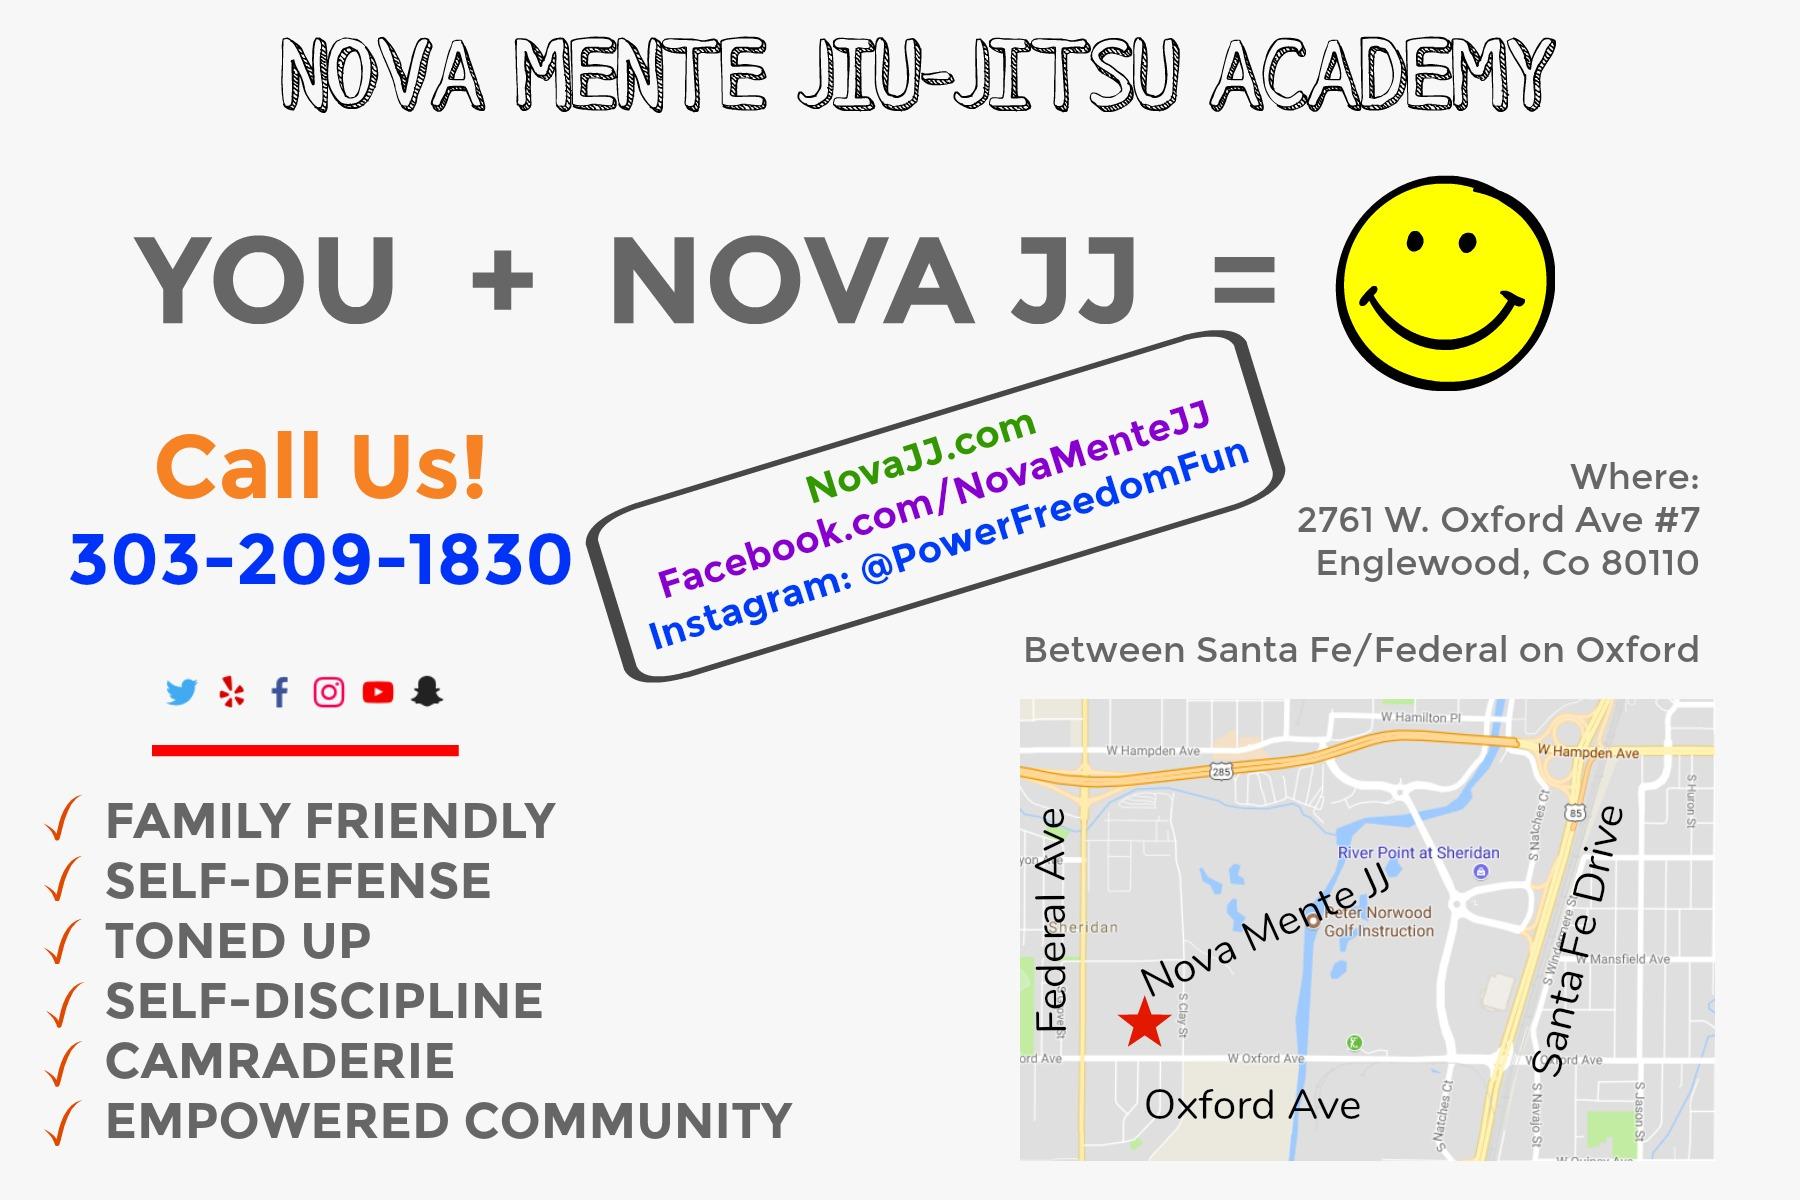 Nova Mente Jiu Jitsu Academy image 2